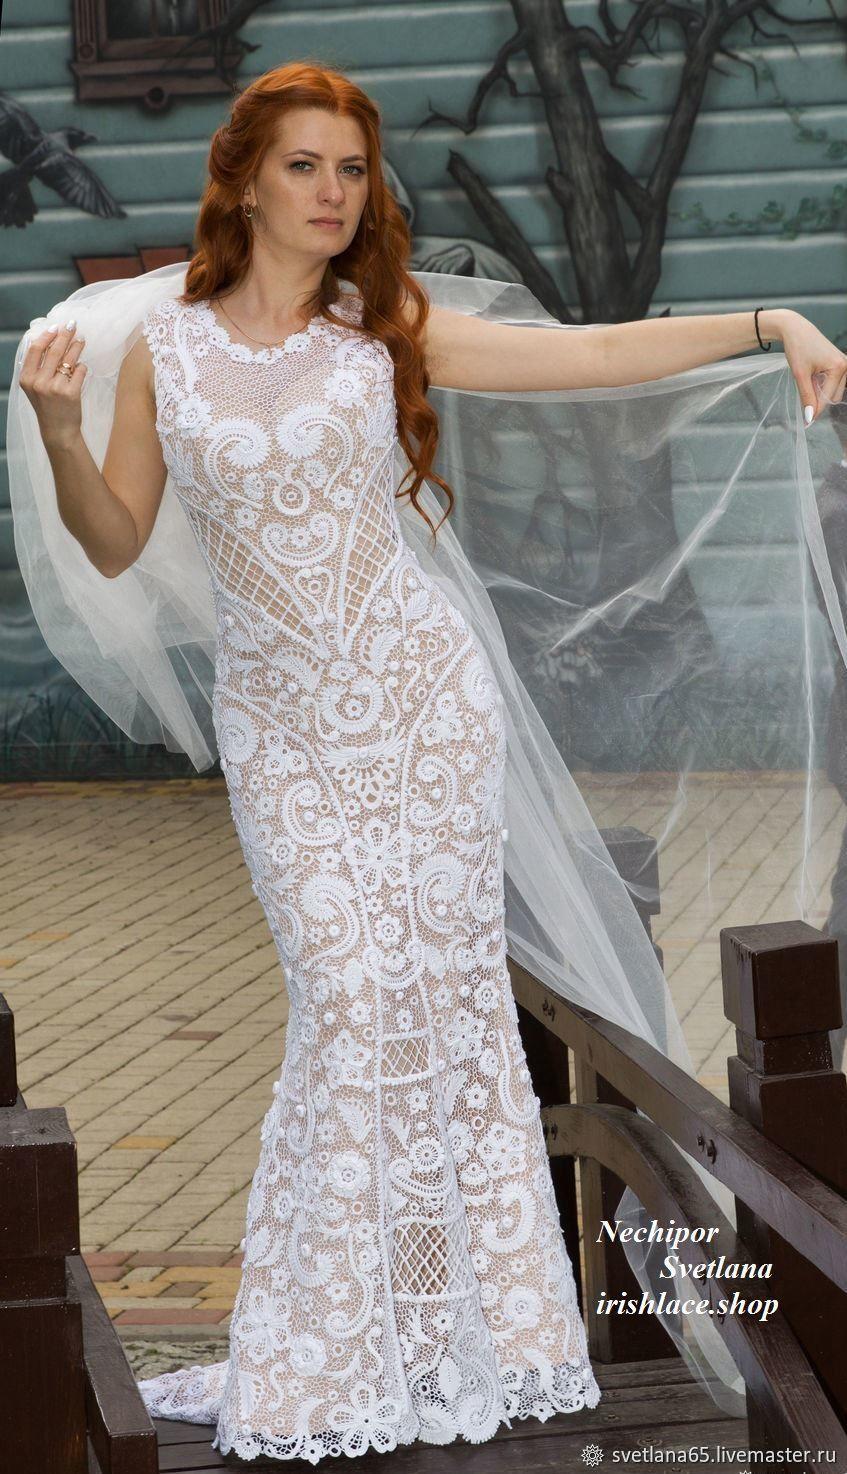 """Свадебное платье """"Оксана"""". Ирландское кружево – заказать ..."""